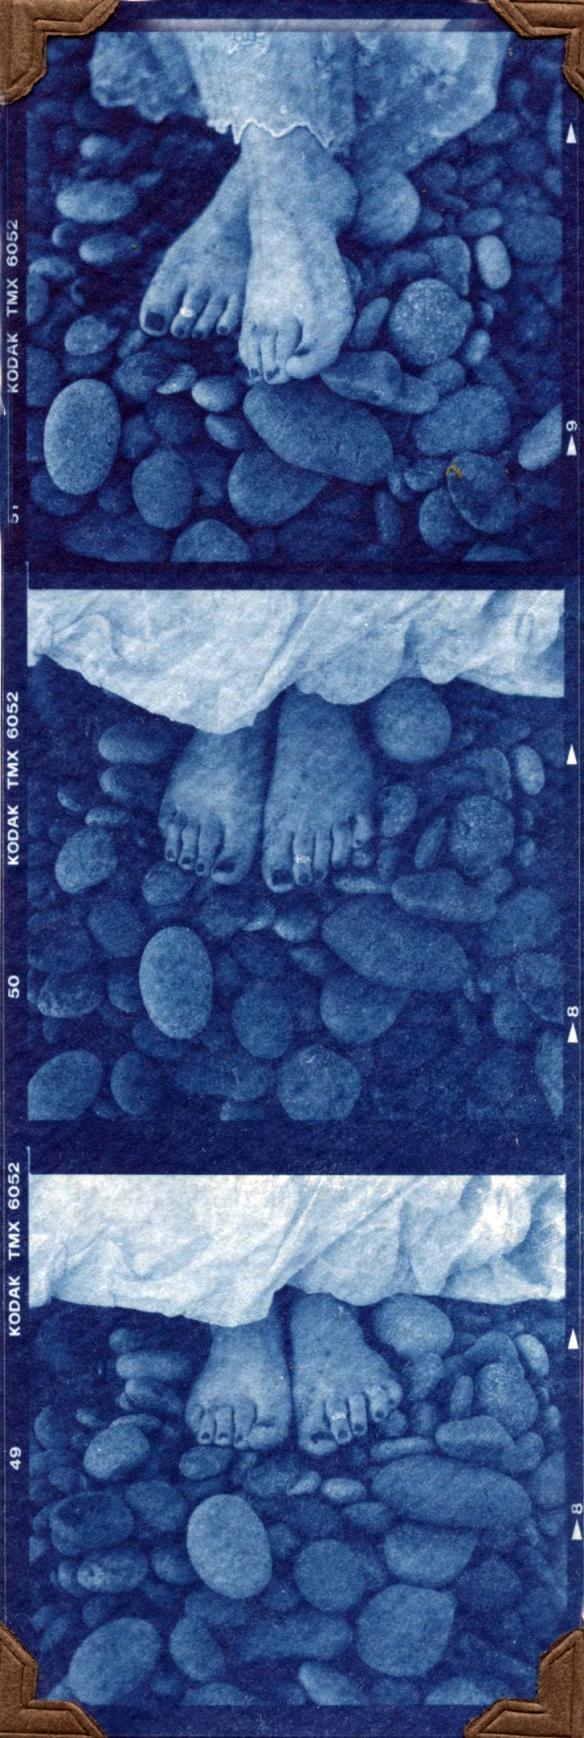 kristeen feet triptic